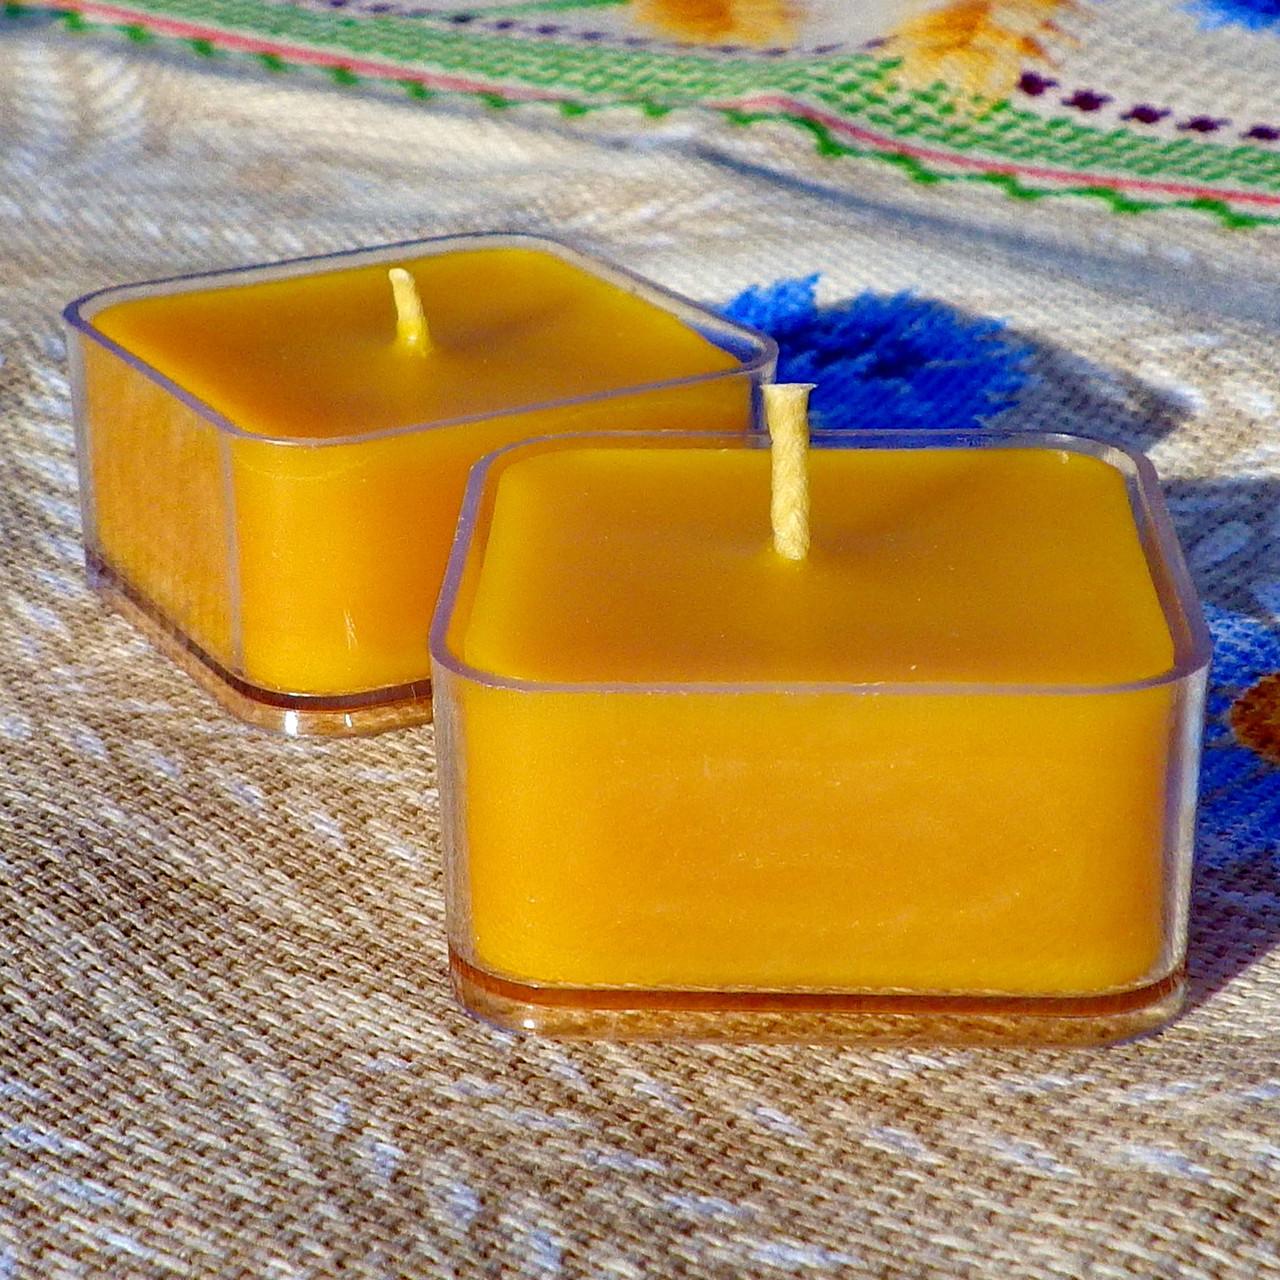 Квадратная прозрачная восковая чайная свеча для аромаламп и лампадок; натуральный пчелиный воск